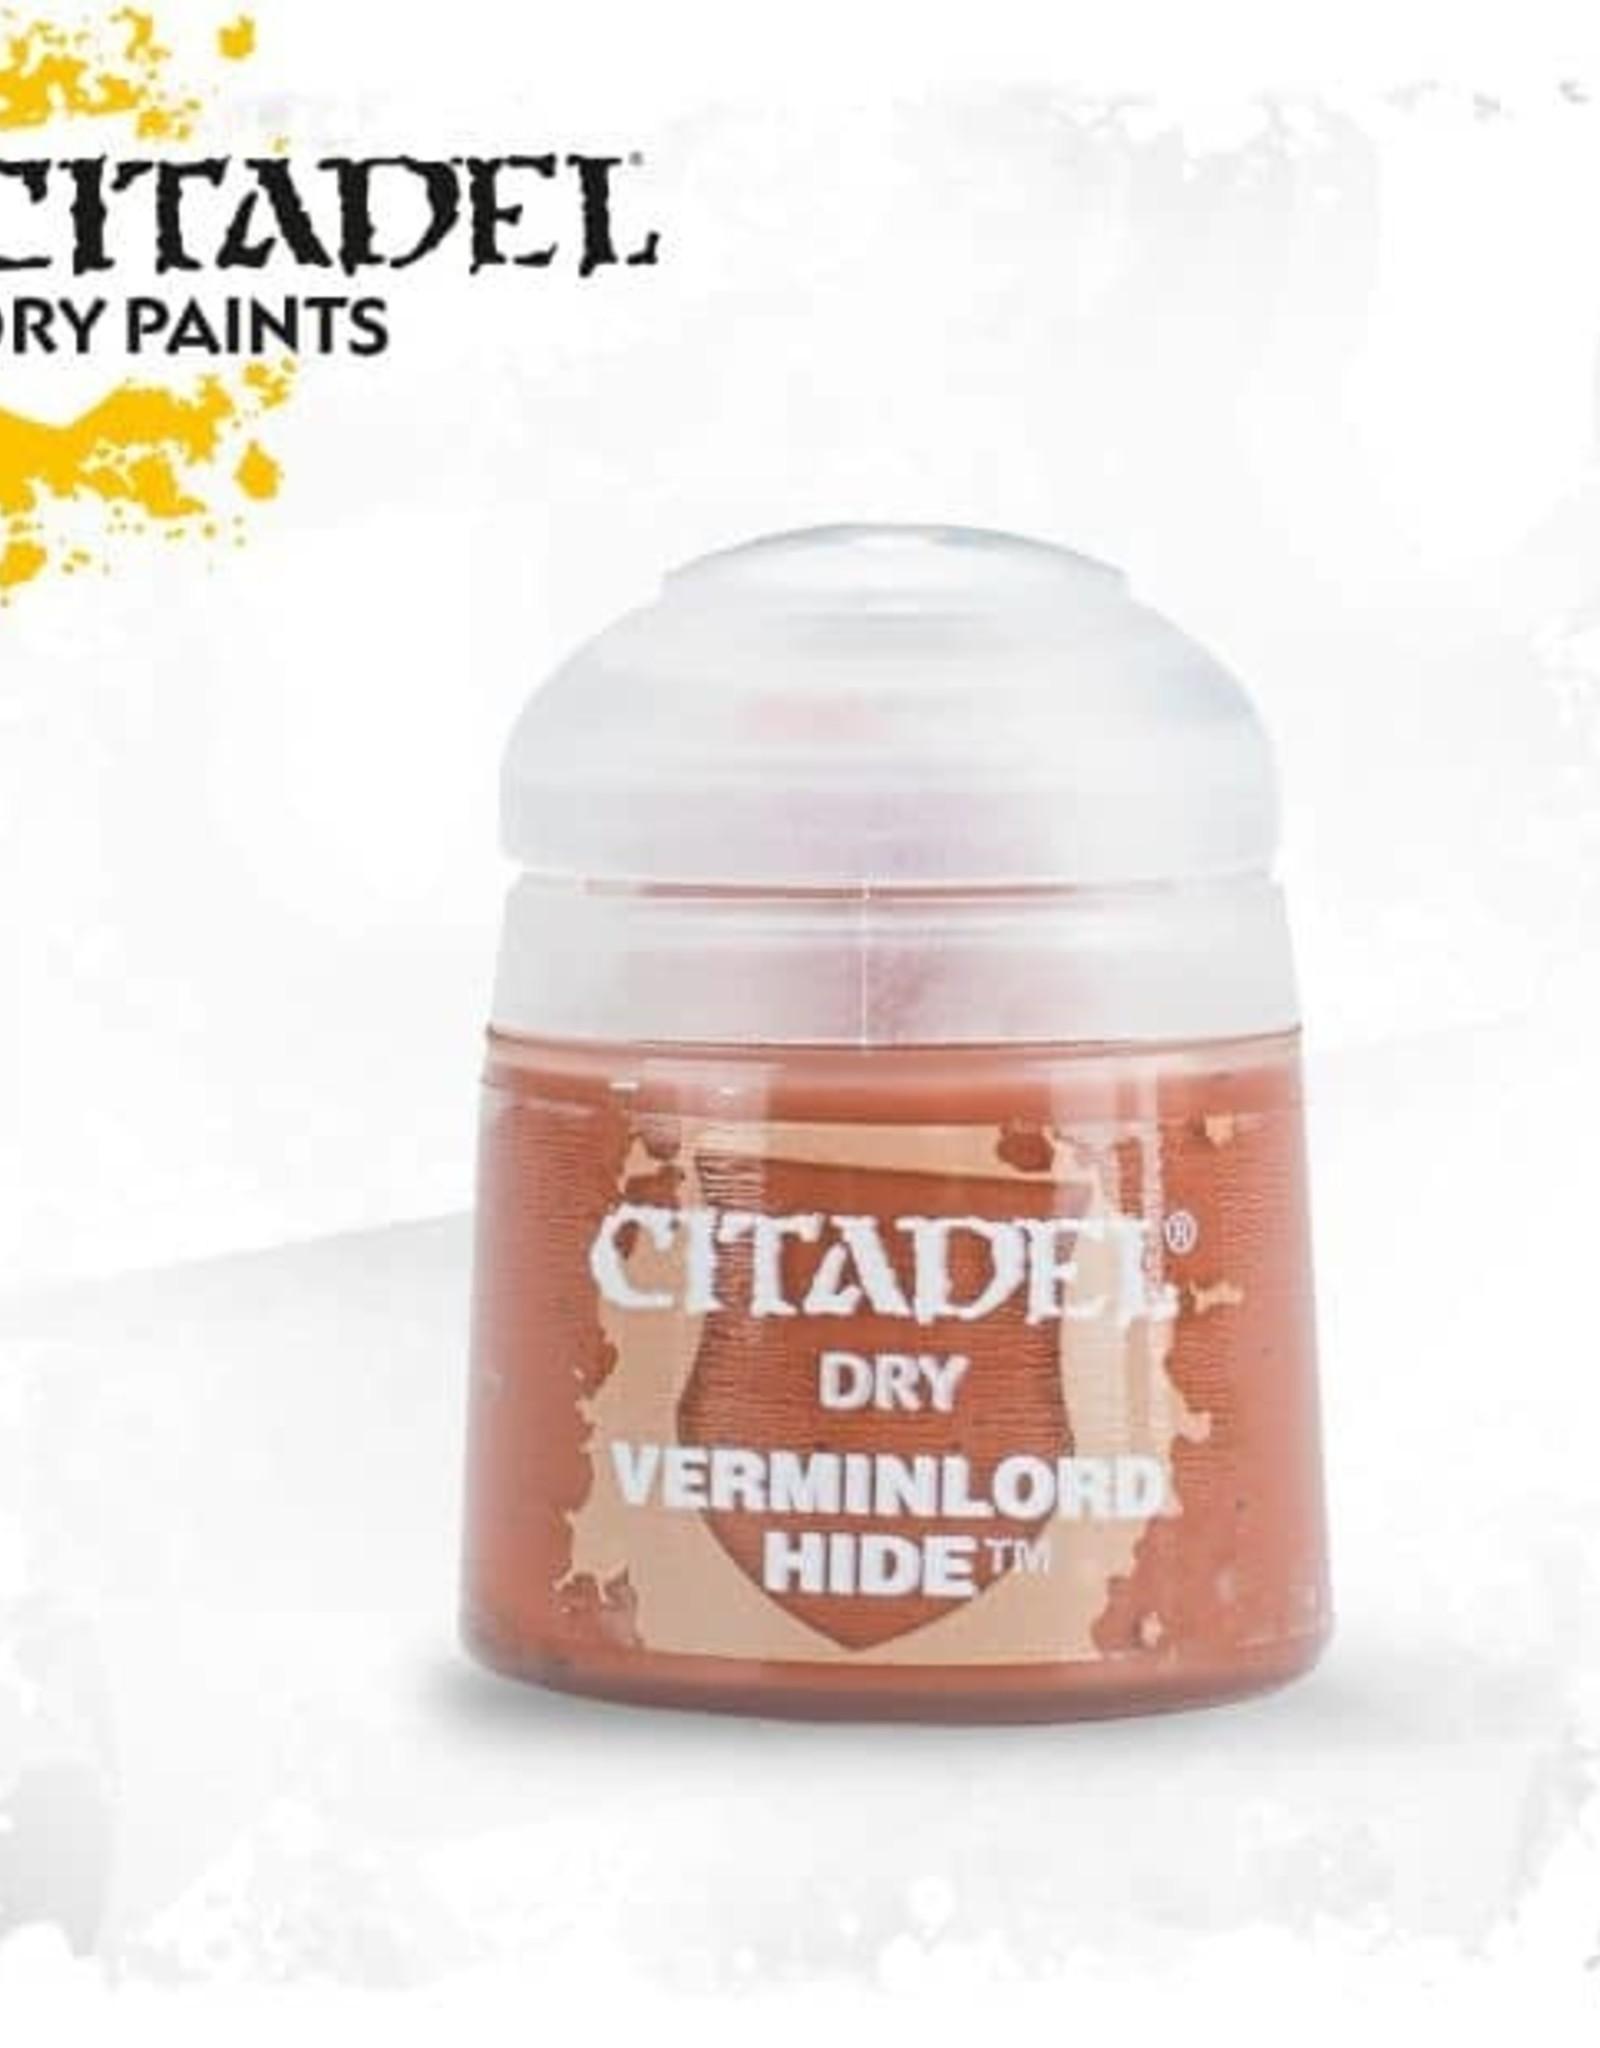 Games Workshop Citadel Paint: Dry - Verminlord Hide